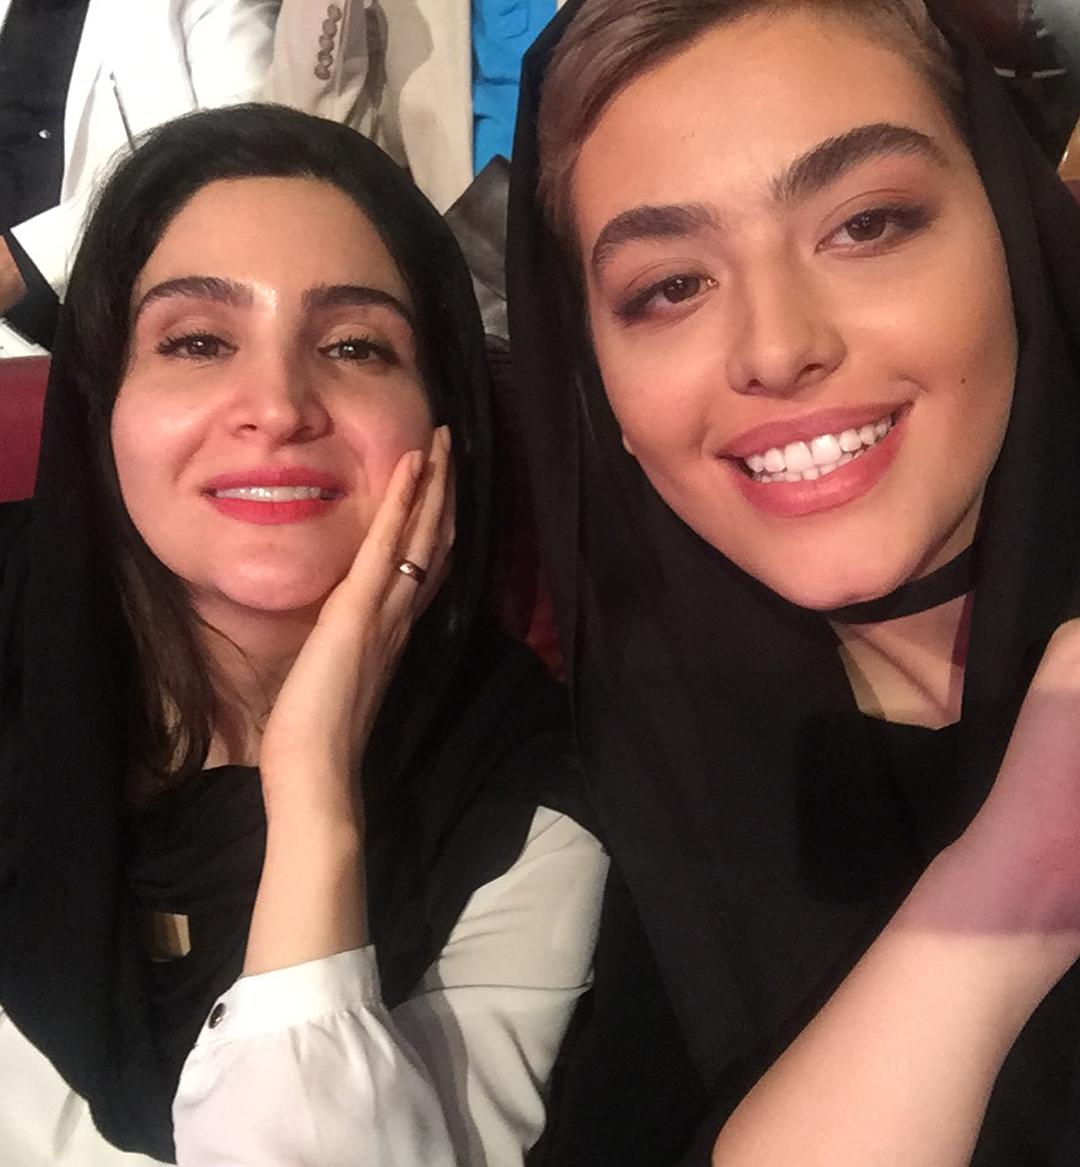 عکس های جدید ریحانه پارسا اینستاگرام زیبا ریحانه پااسا هجدهمین جشن حافظ